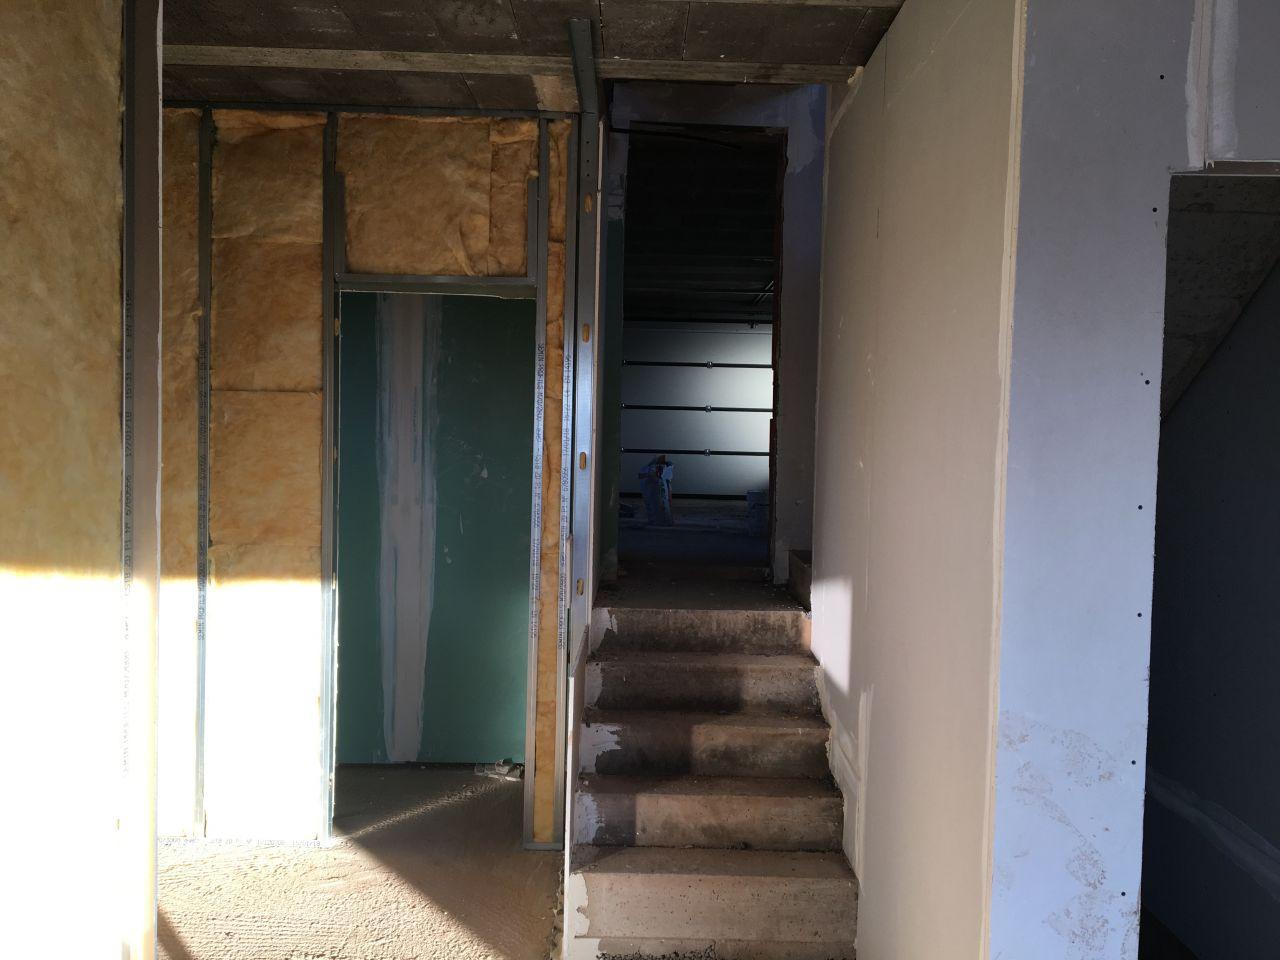 Placo wc et escalier